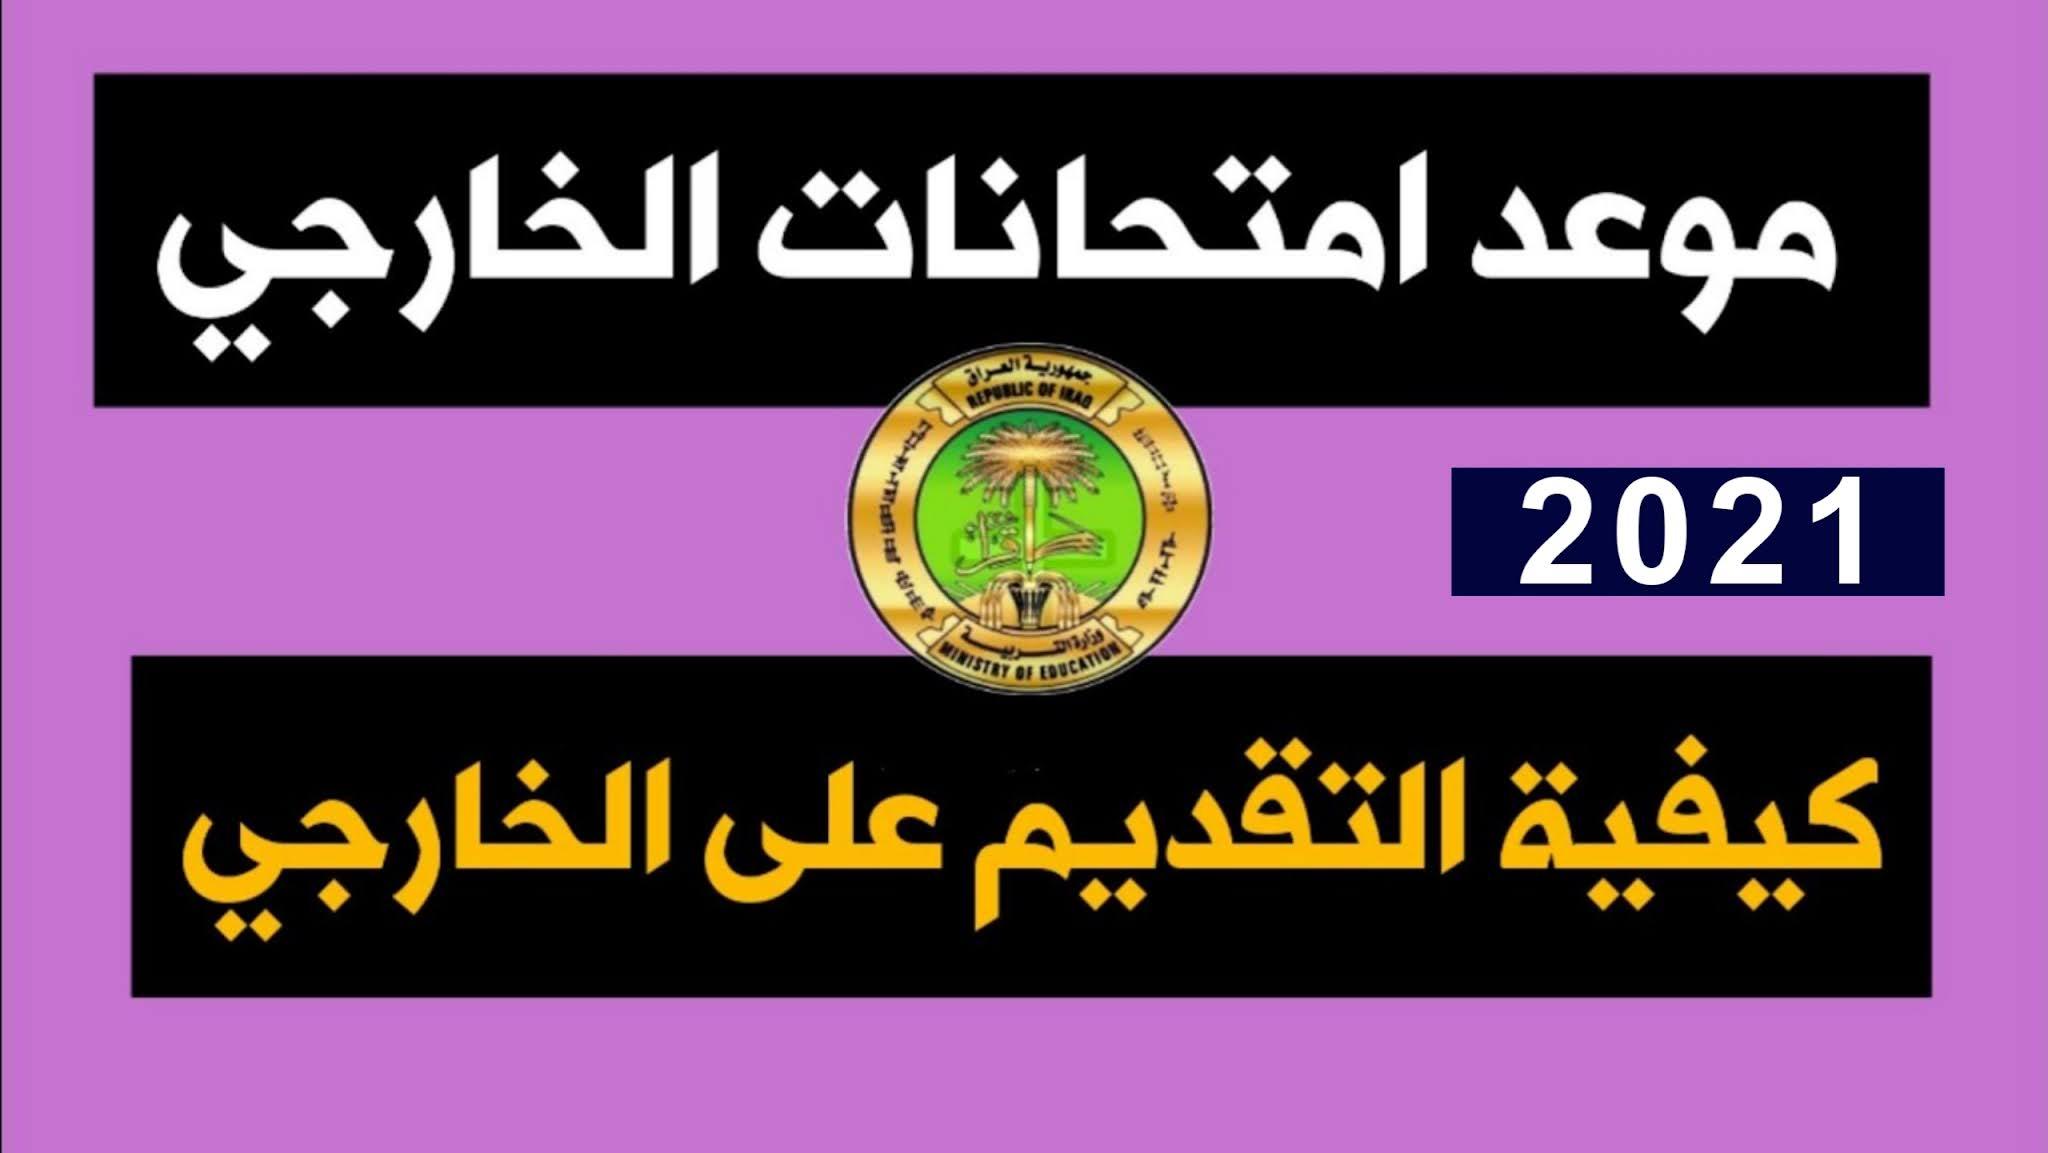 التقديم على الامتحانات الخارجية في العراق 2022-2021 لكافة المحافظات العراقية